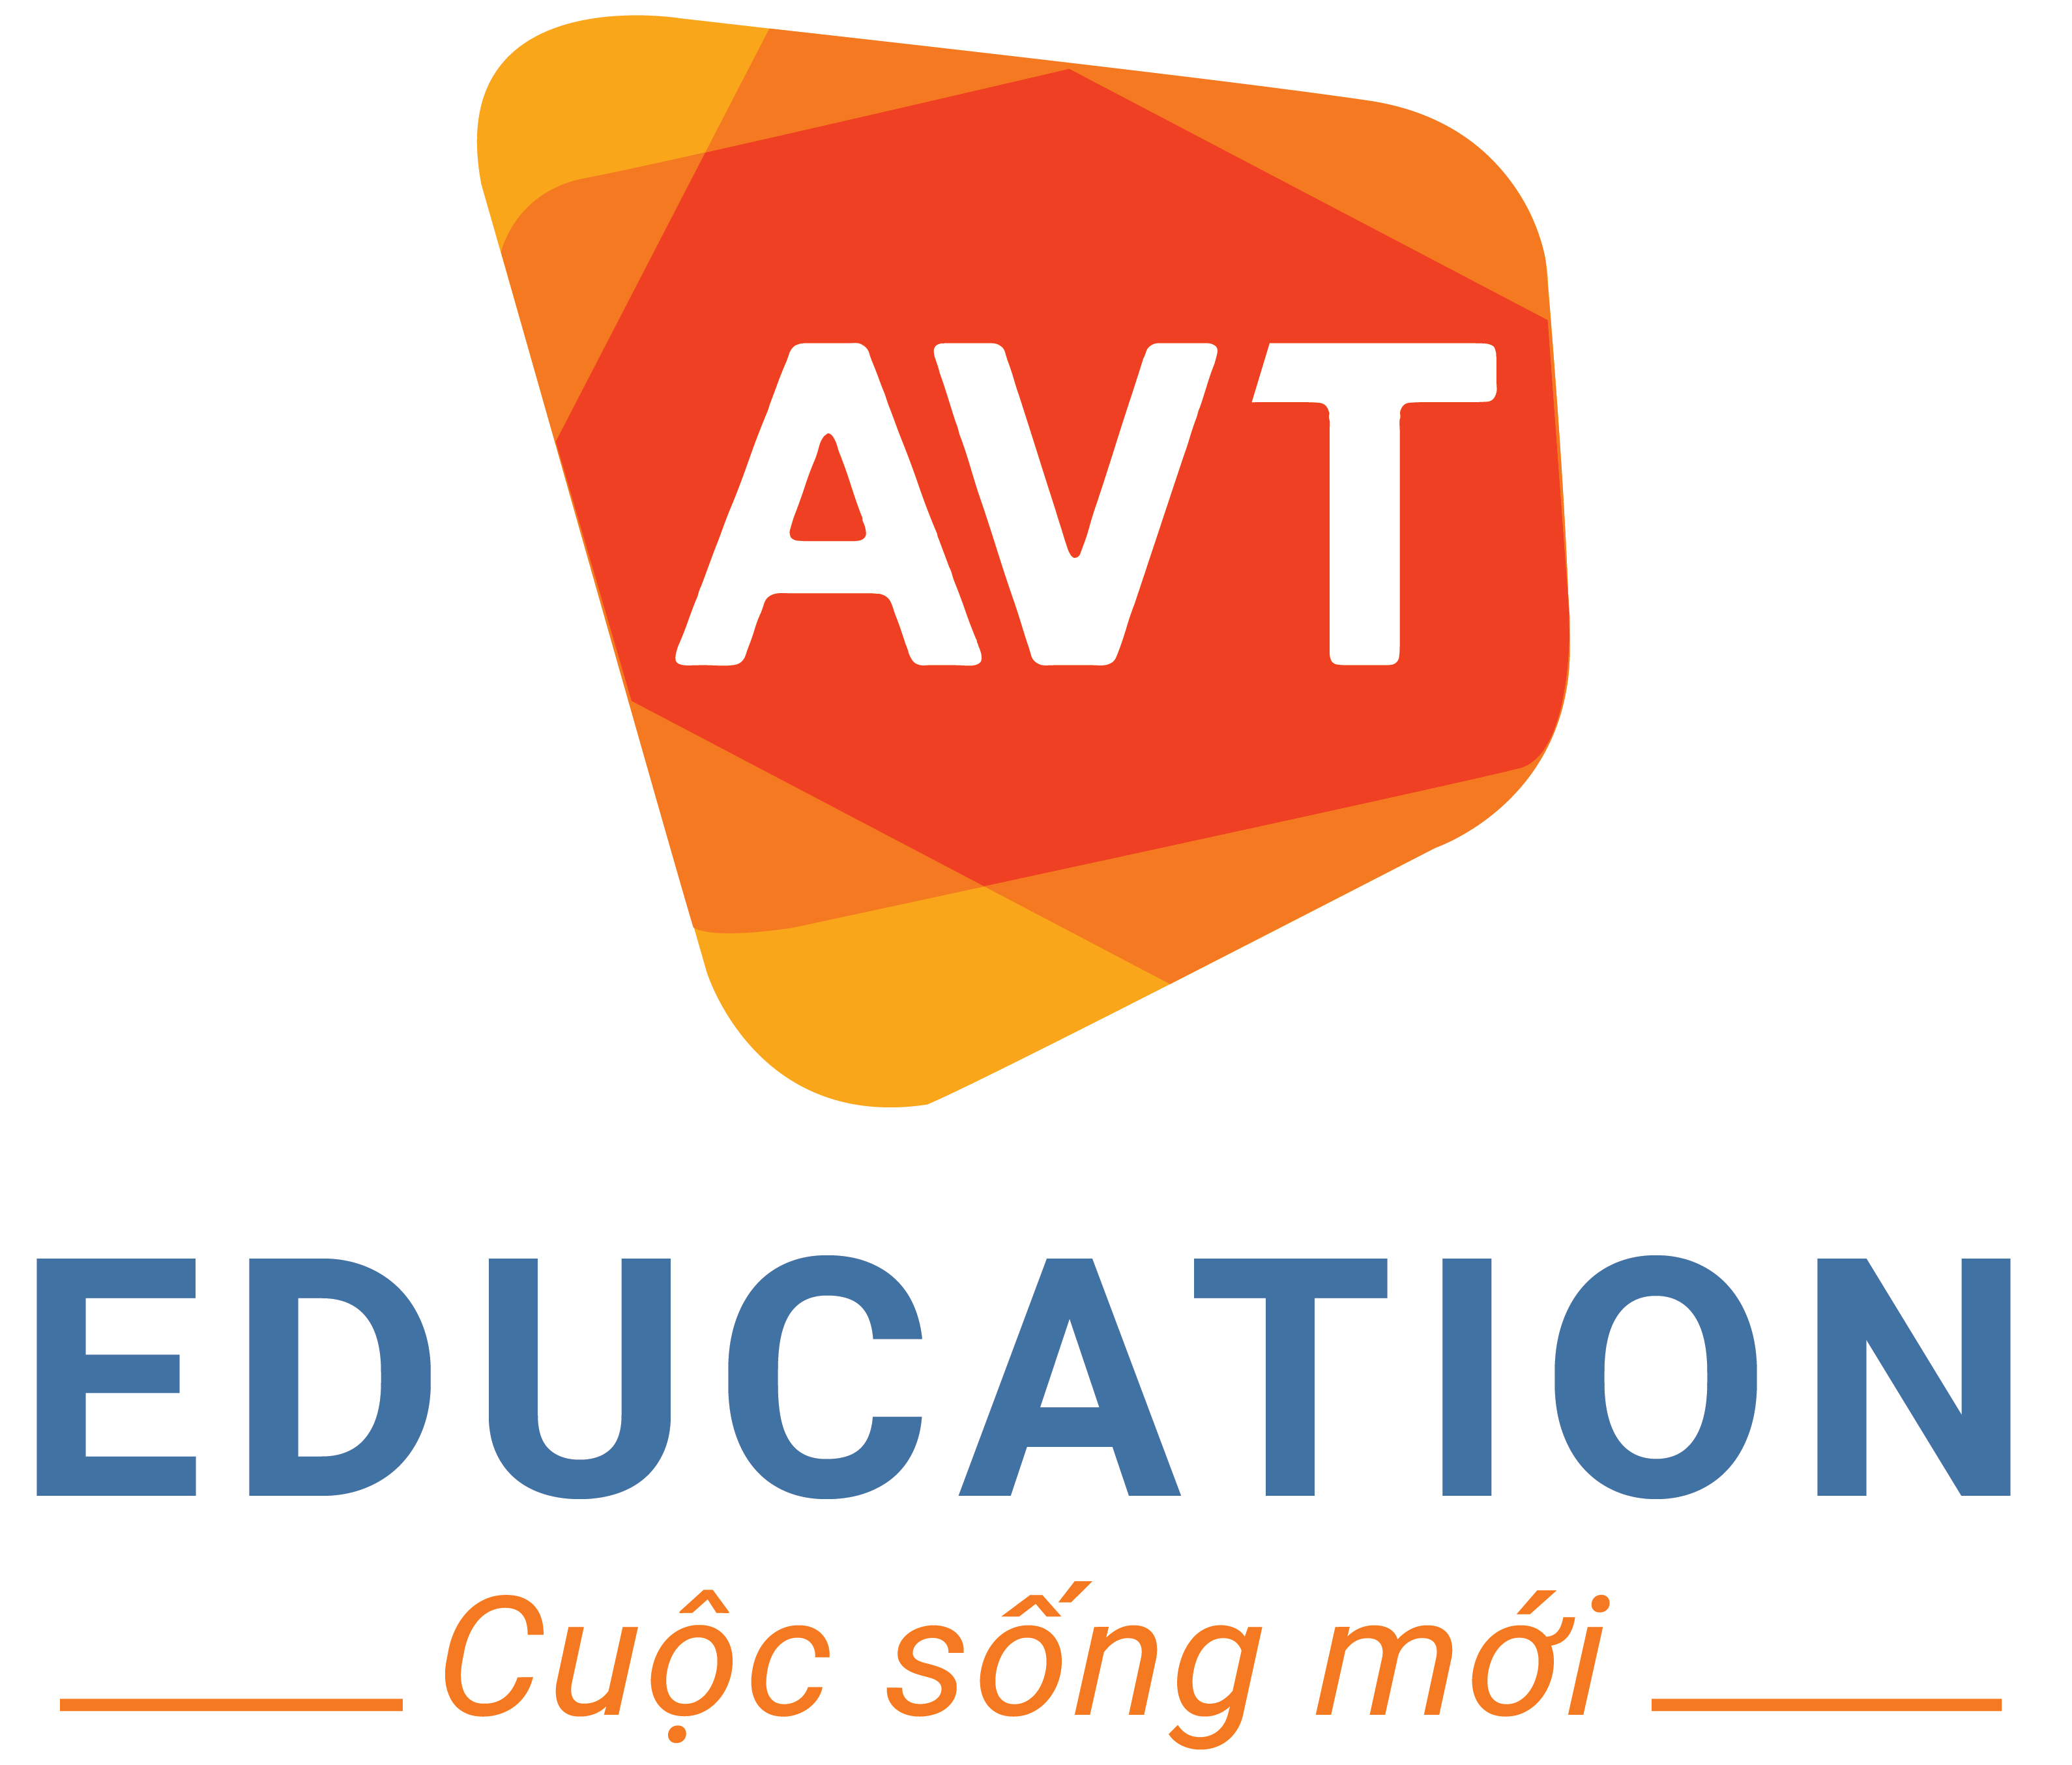 AVT Education ứng dụng phần mềm 1Office vào quản trị tổng thể